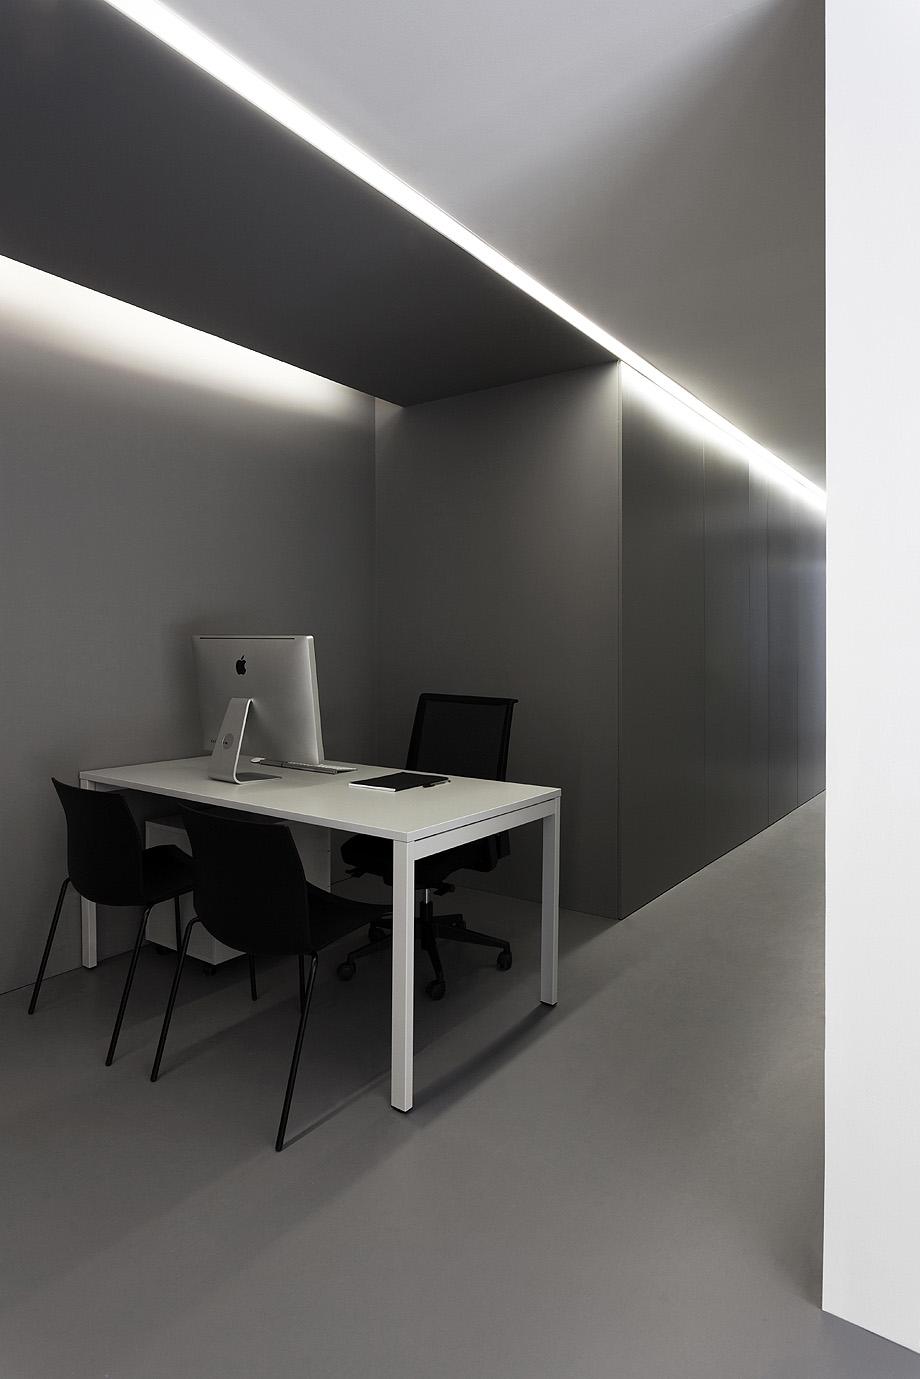 oficinas oav de fran silvestre arquitectos - foto diego opazo (7)